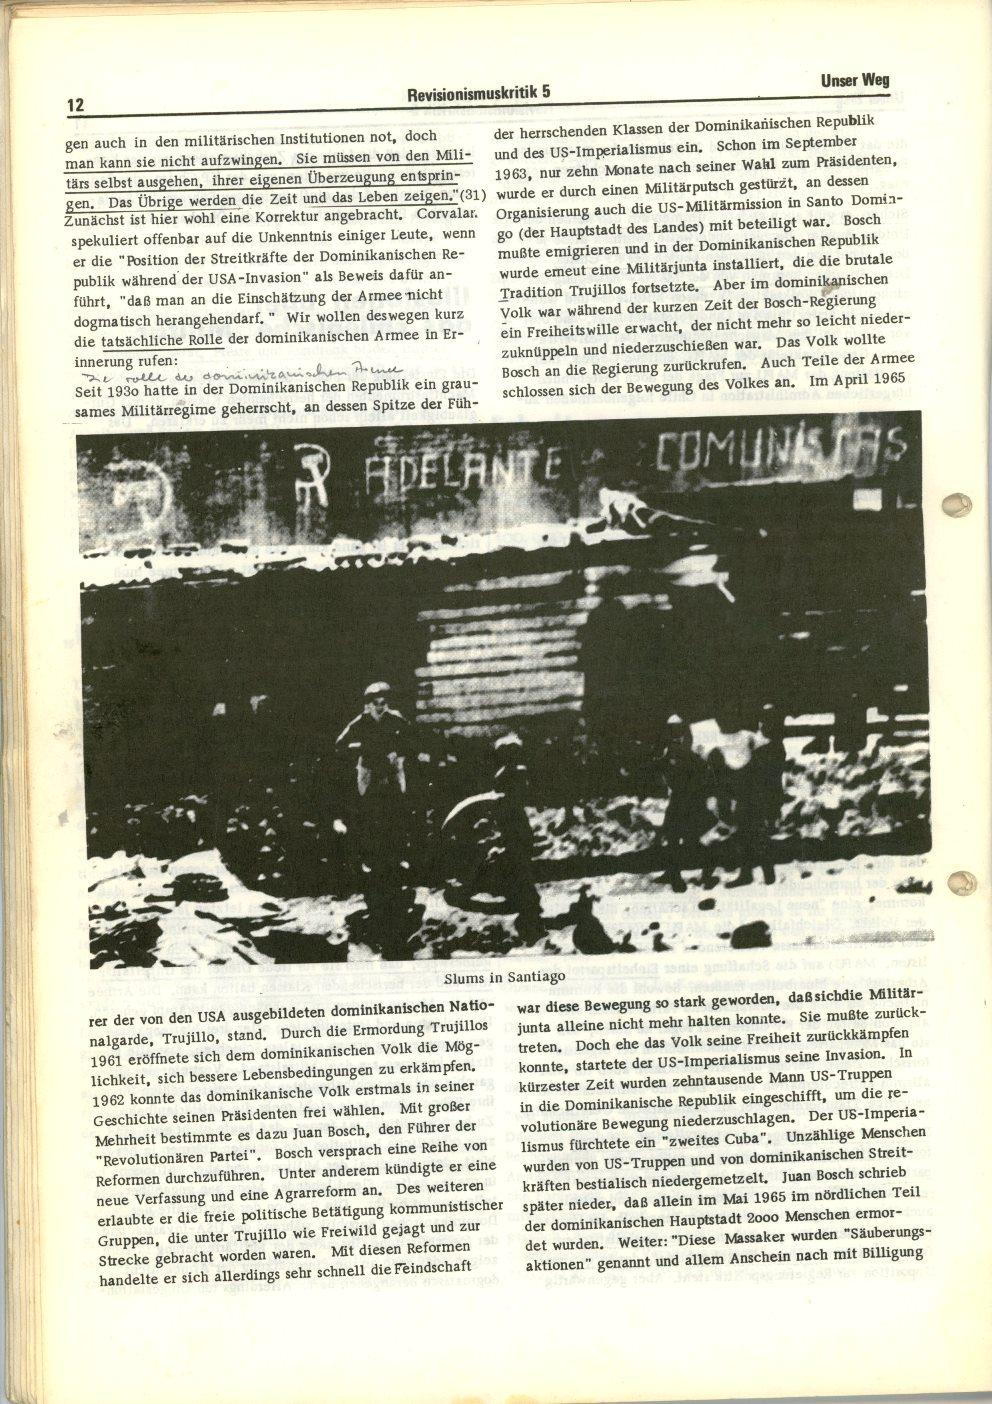 KB_Unser_Weg_1972_Chile_14